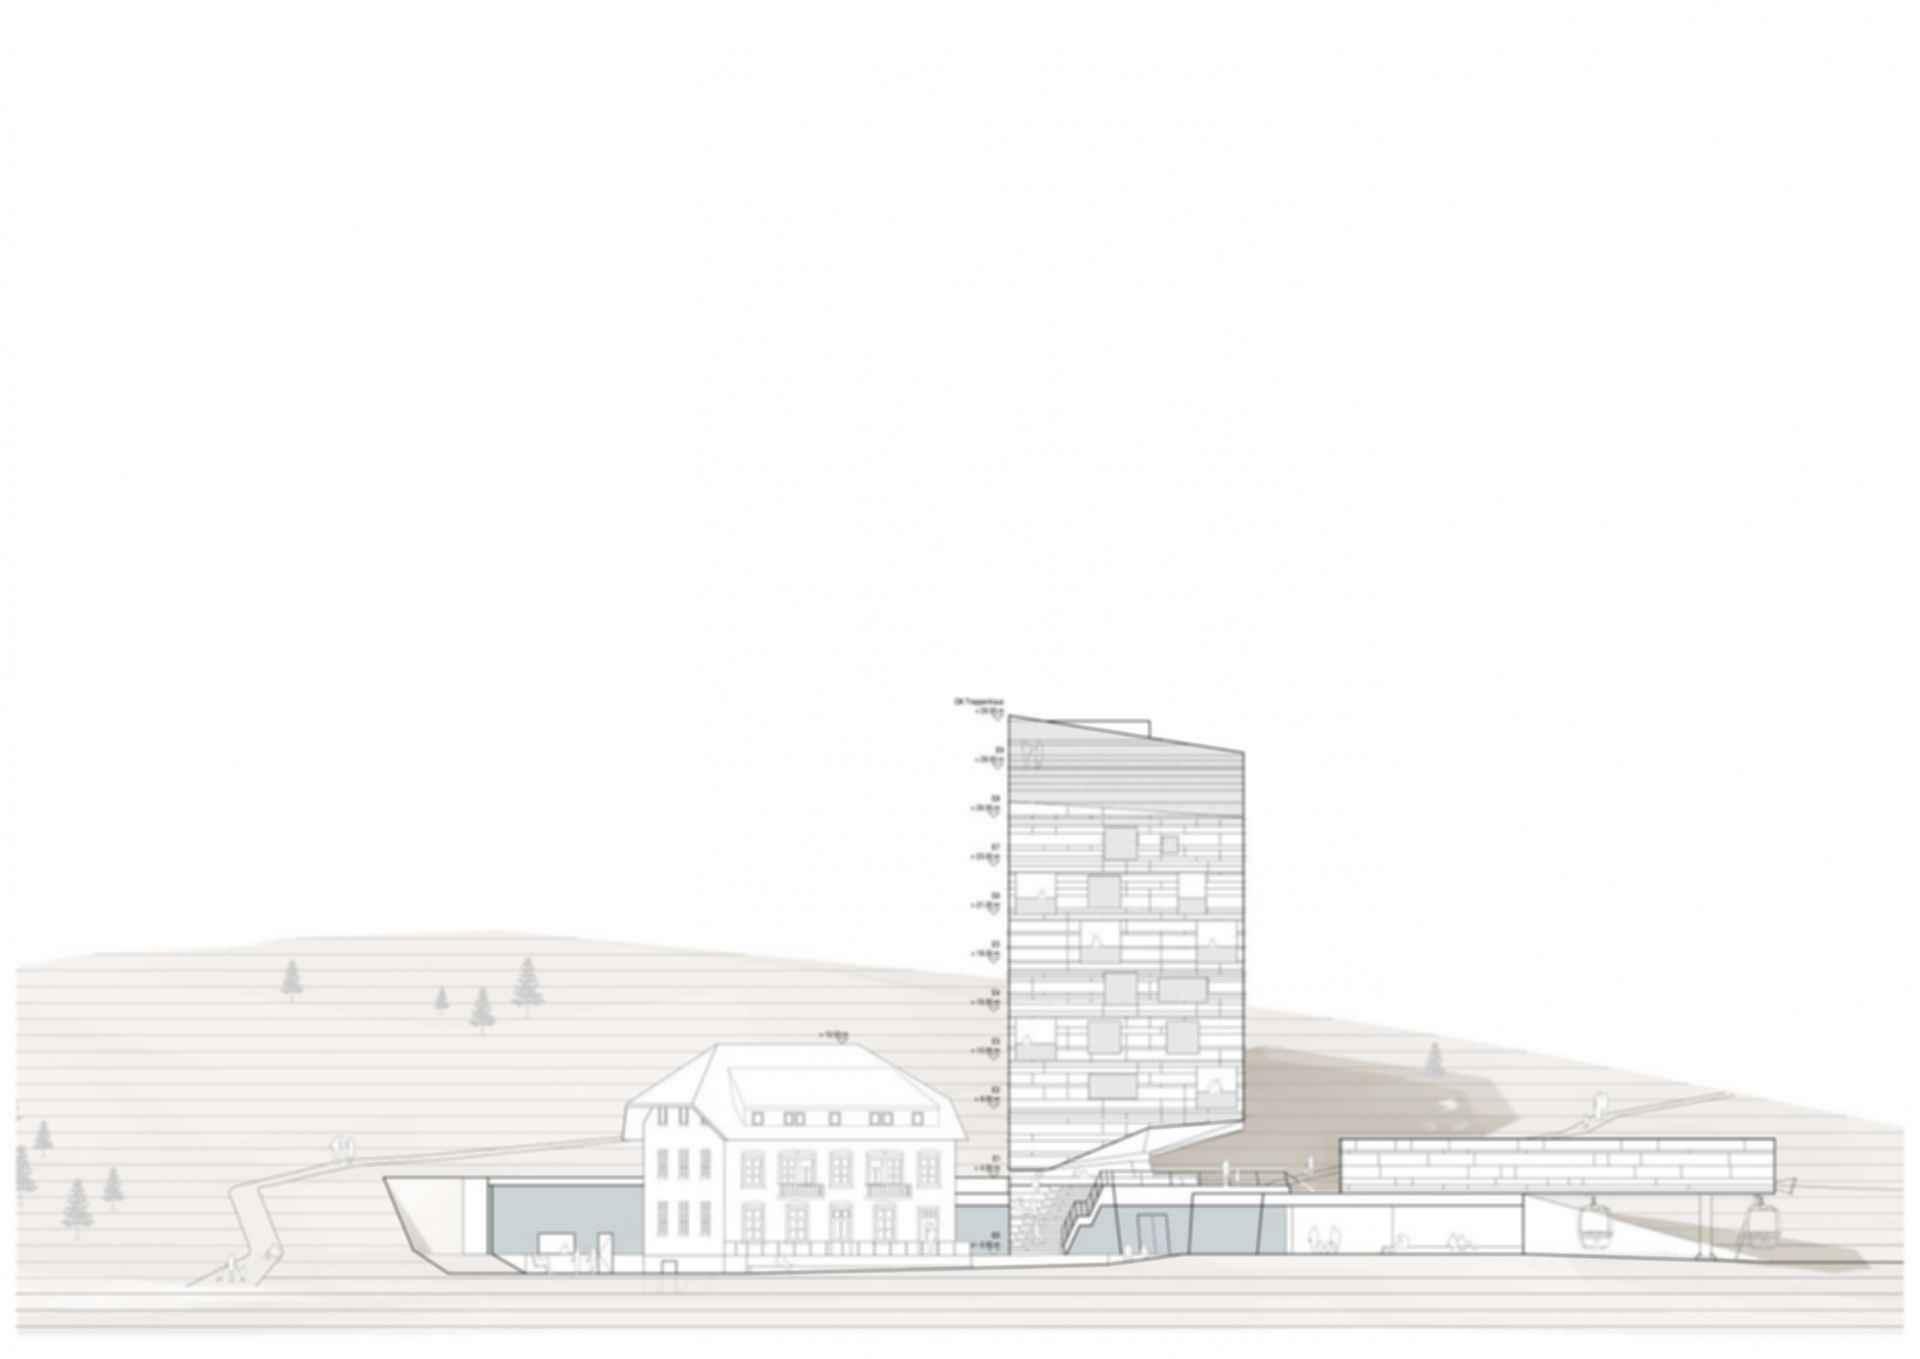 Hotel Belchenhaus Proposal - Concept Design/Elevation